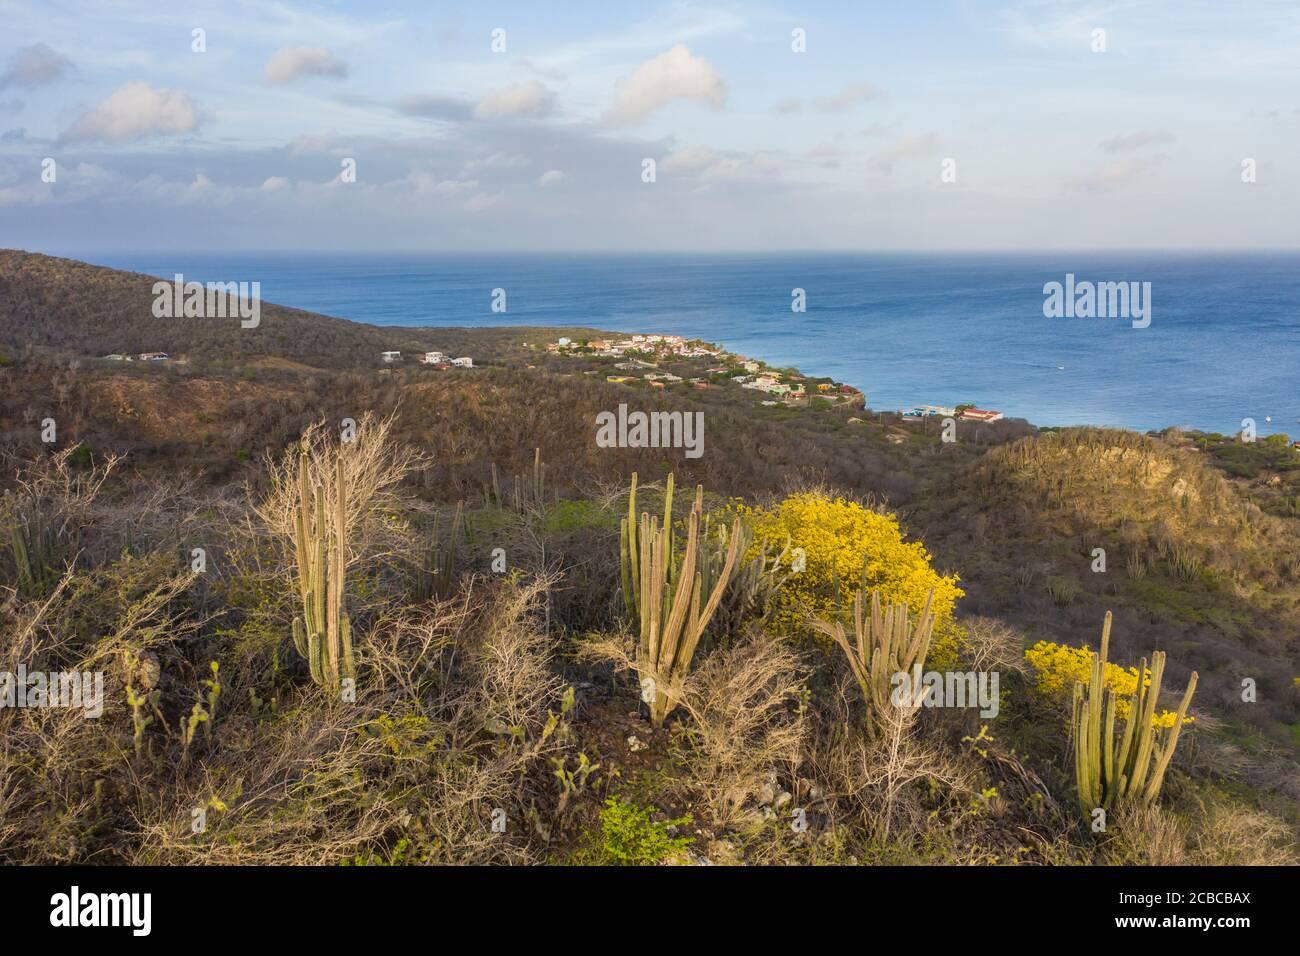 Paisaje con árboles Kibrahacha amarillos en la isla de Curacao / Caribe Foto de stock